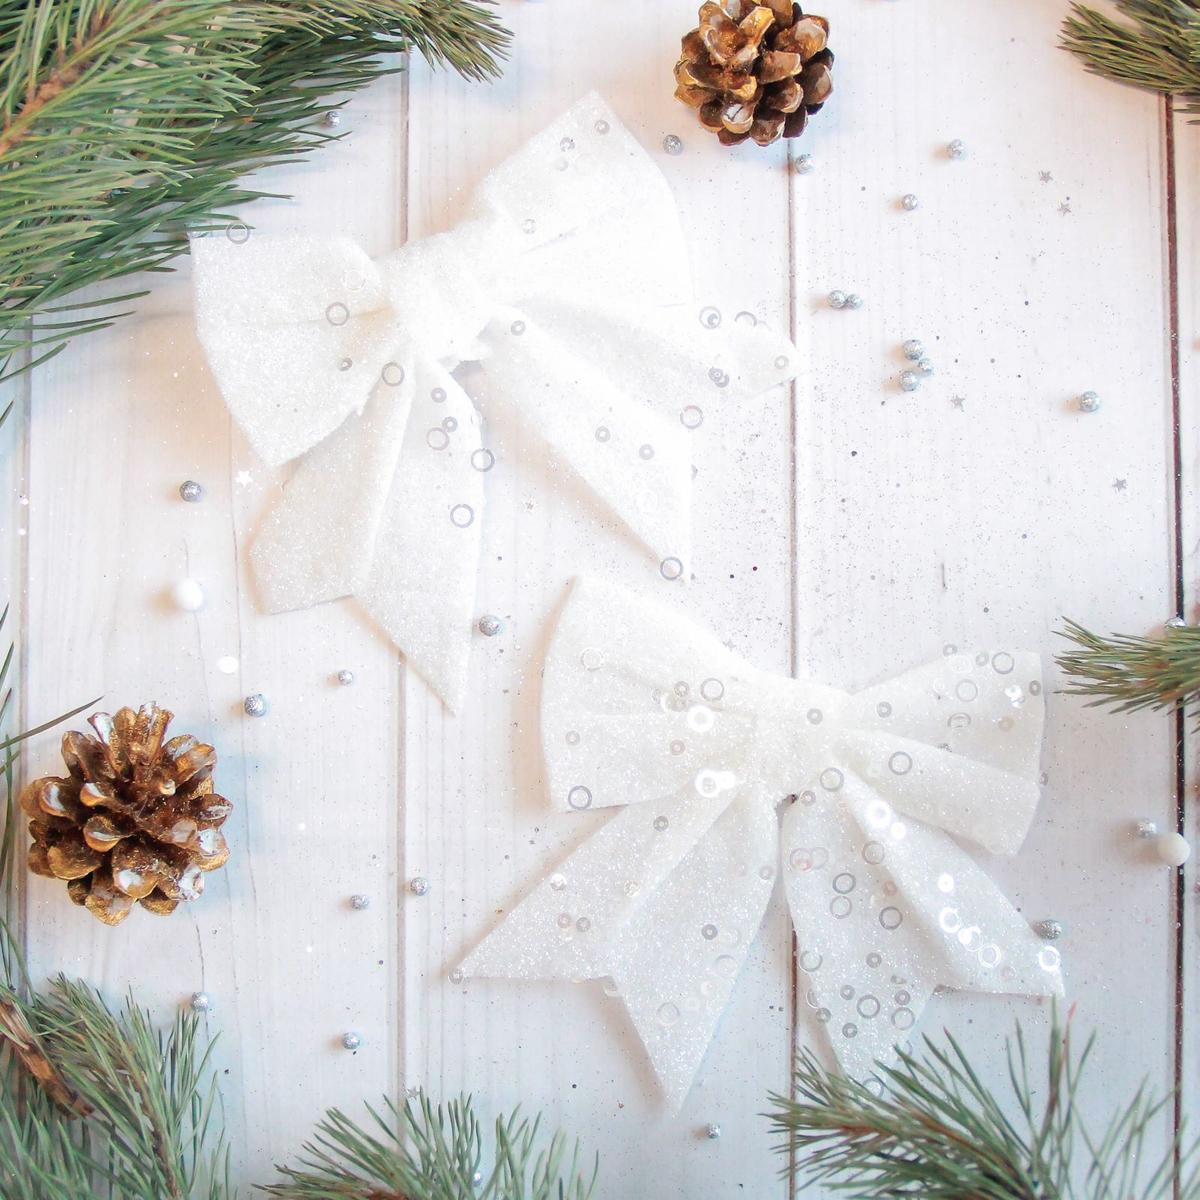 Набор новогодних подвесных украшений Sima-land Бант. Белый перелив, 12 х 12 см, 2 шт2371275Набор новогодних подвесных украшений Sima-land отлично подойдет для декорации вашего дома и новогодней ели. Новогодние украшения можно повесить в любом понравившемся вам месте. Но, конечно, удачнее всего они будет смотреться на праздничной елке.Елочная игрушка - символ Нового года. Она несет в себе волшебство и красоту праздника. Такое украшение создаст в вашем доме атмосферу праздника, веселья и радости.